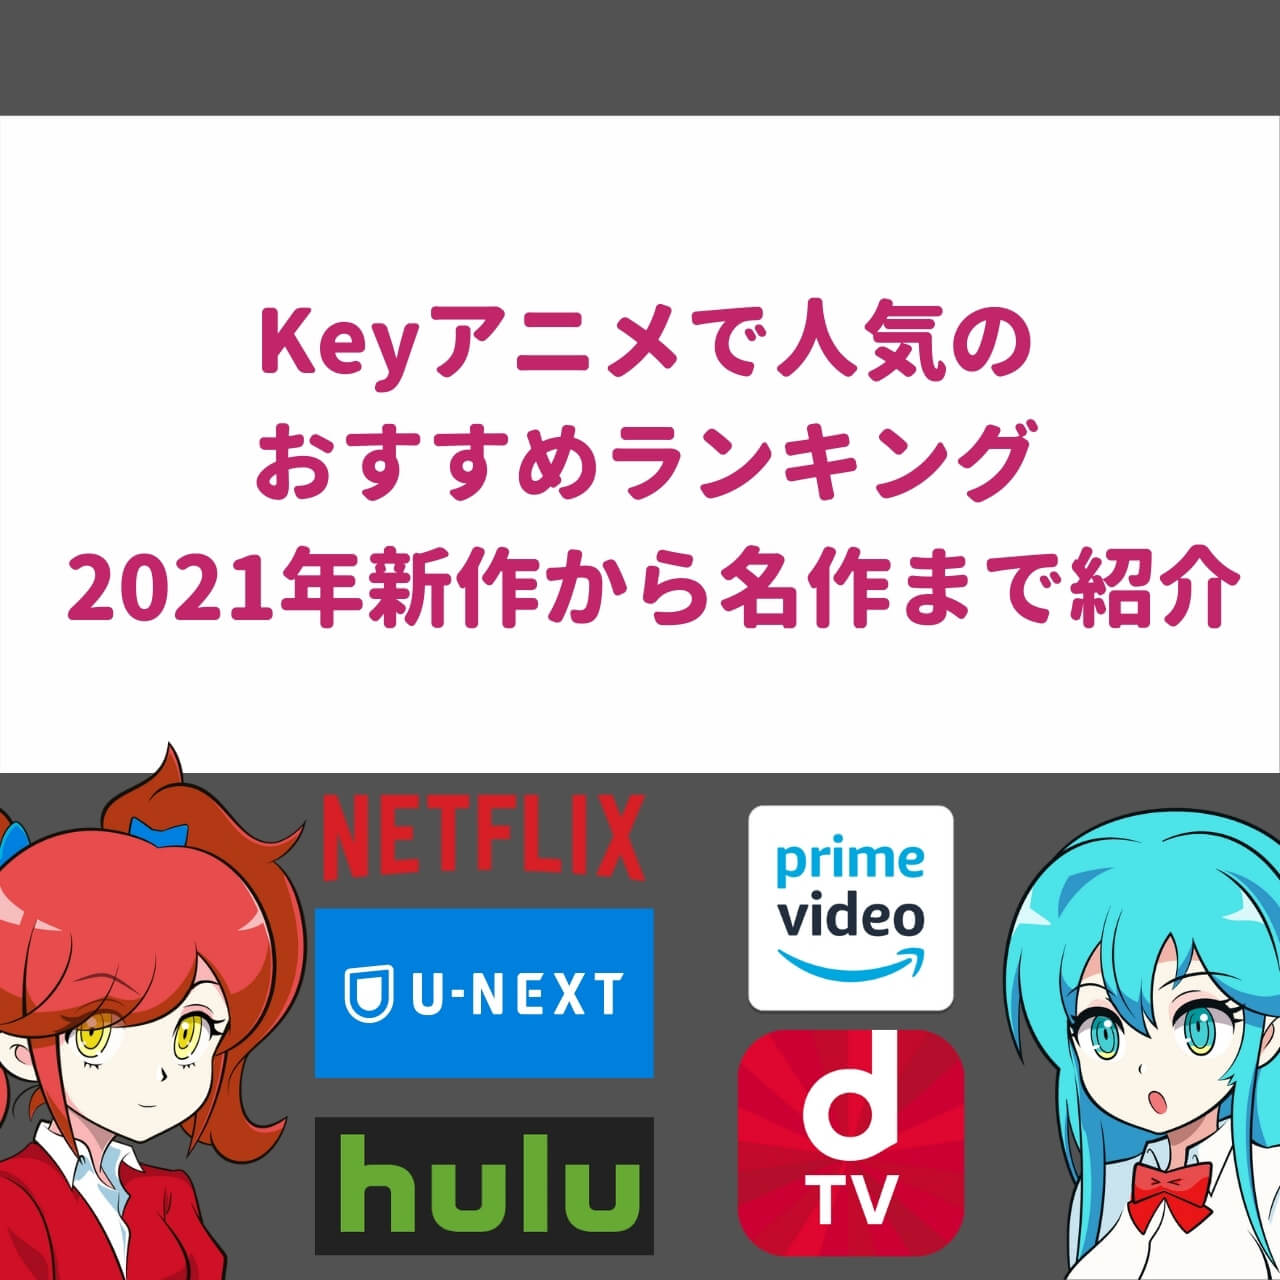 Keyアニメで人気のおすすめ5選   2021年新作から名作まで紹介